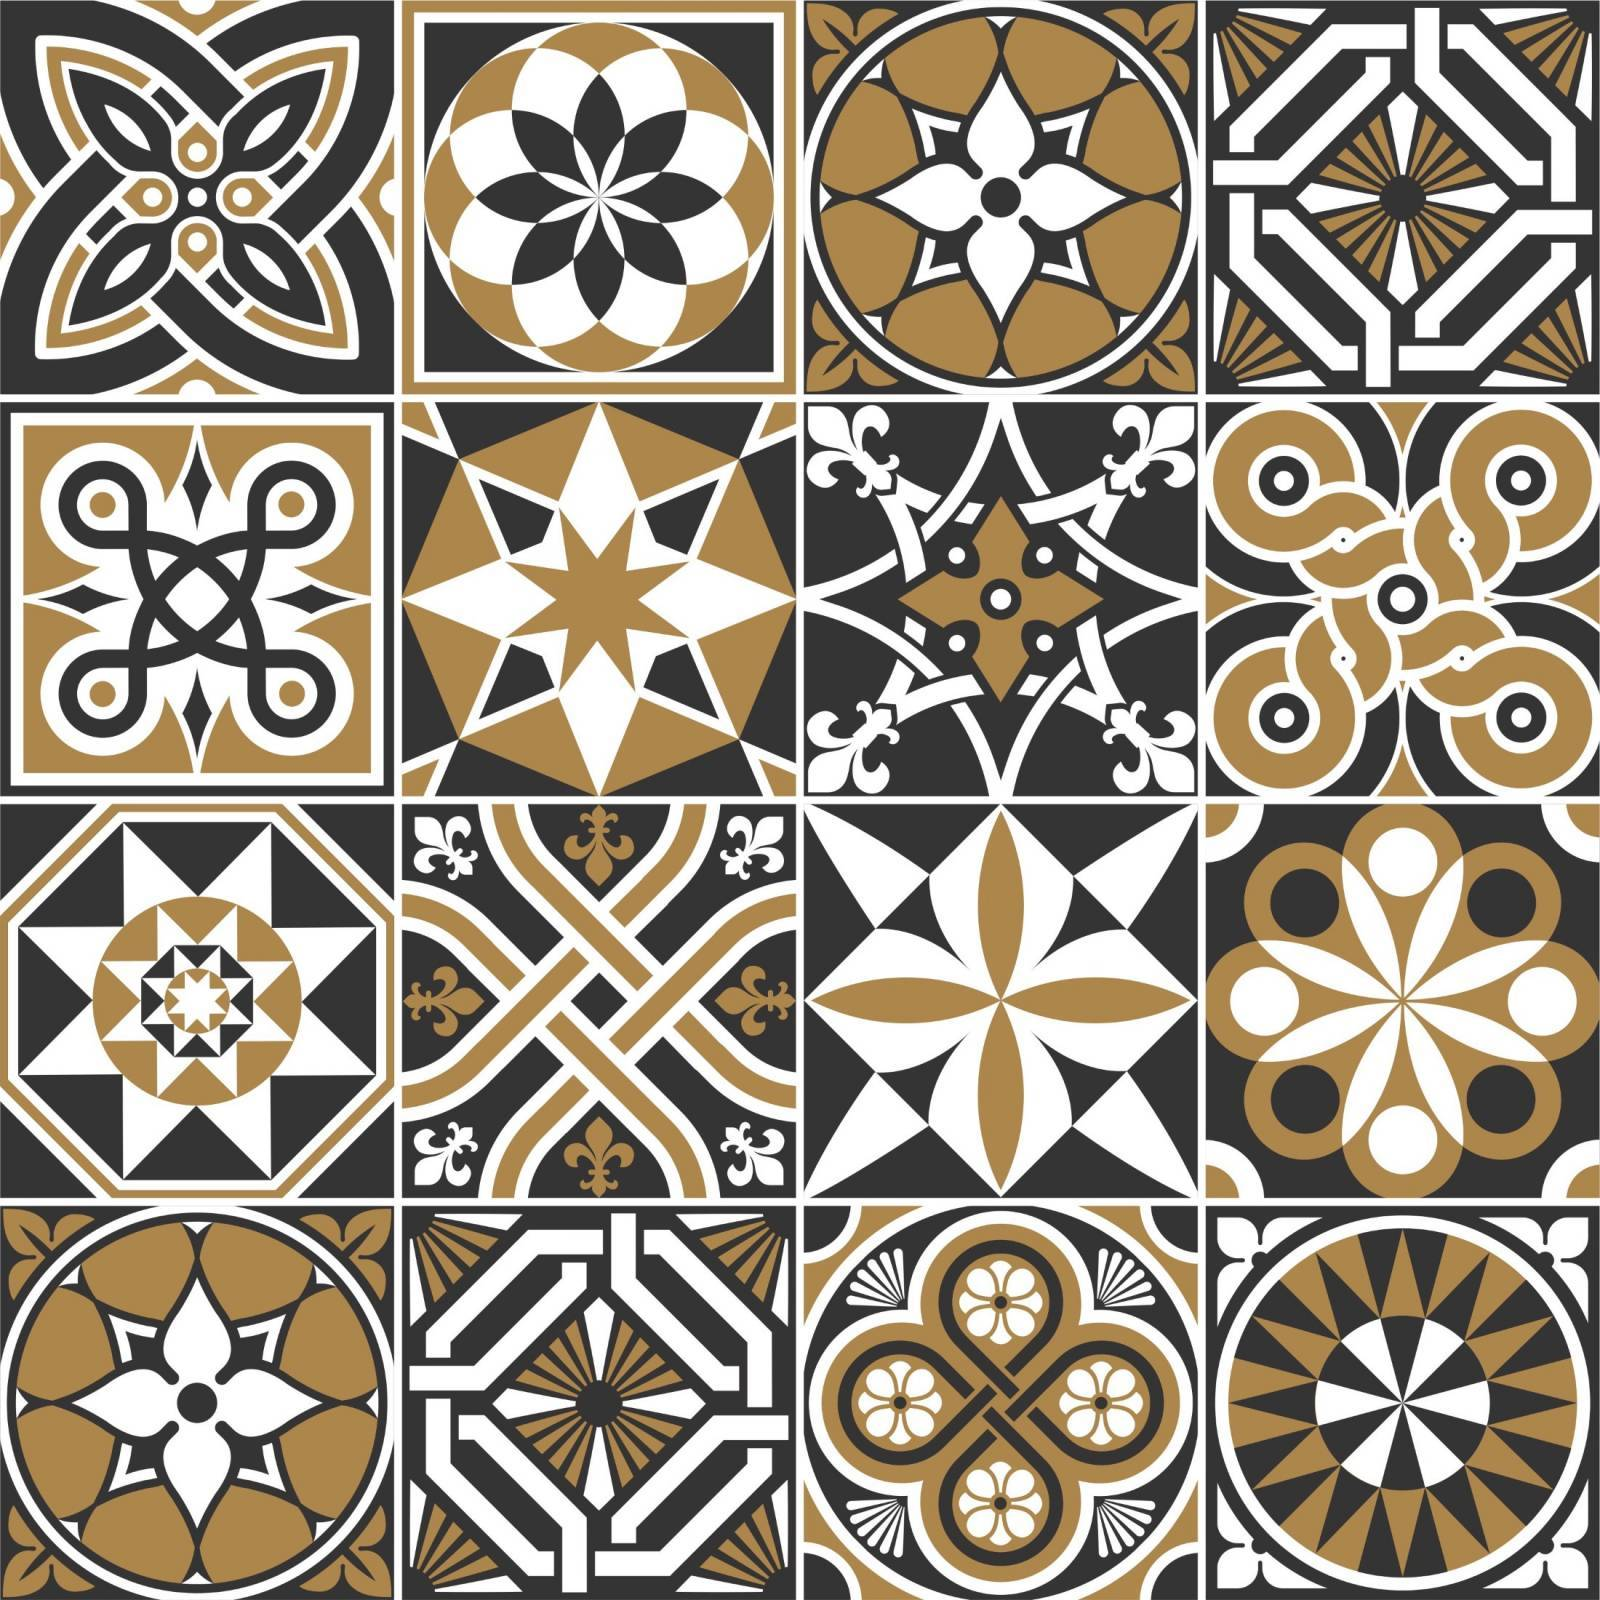 Adesivo para Azulejo - Preto Marrom  imagem 1